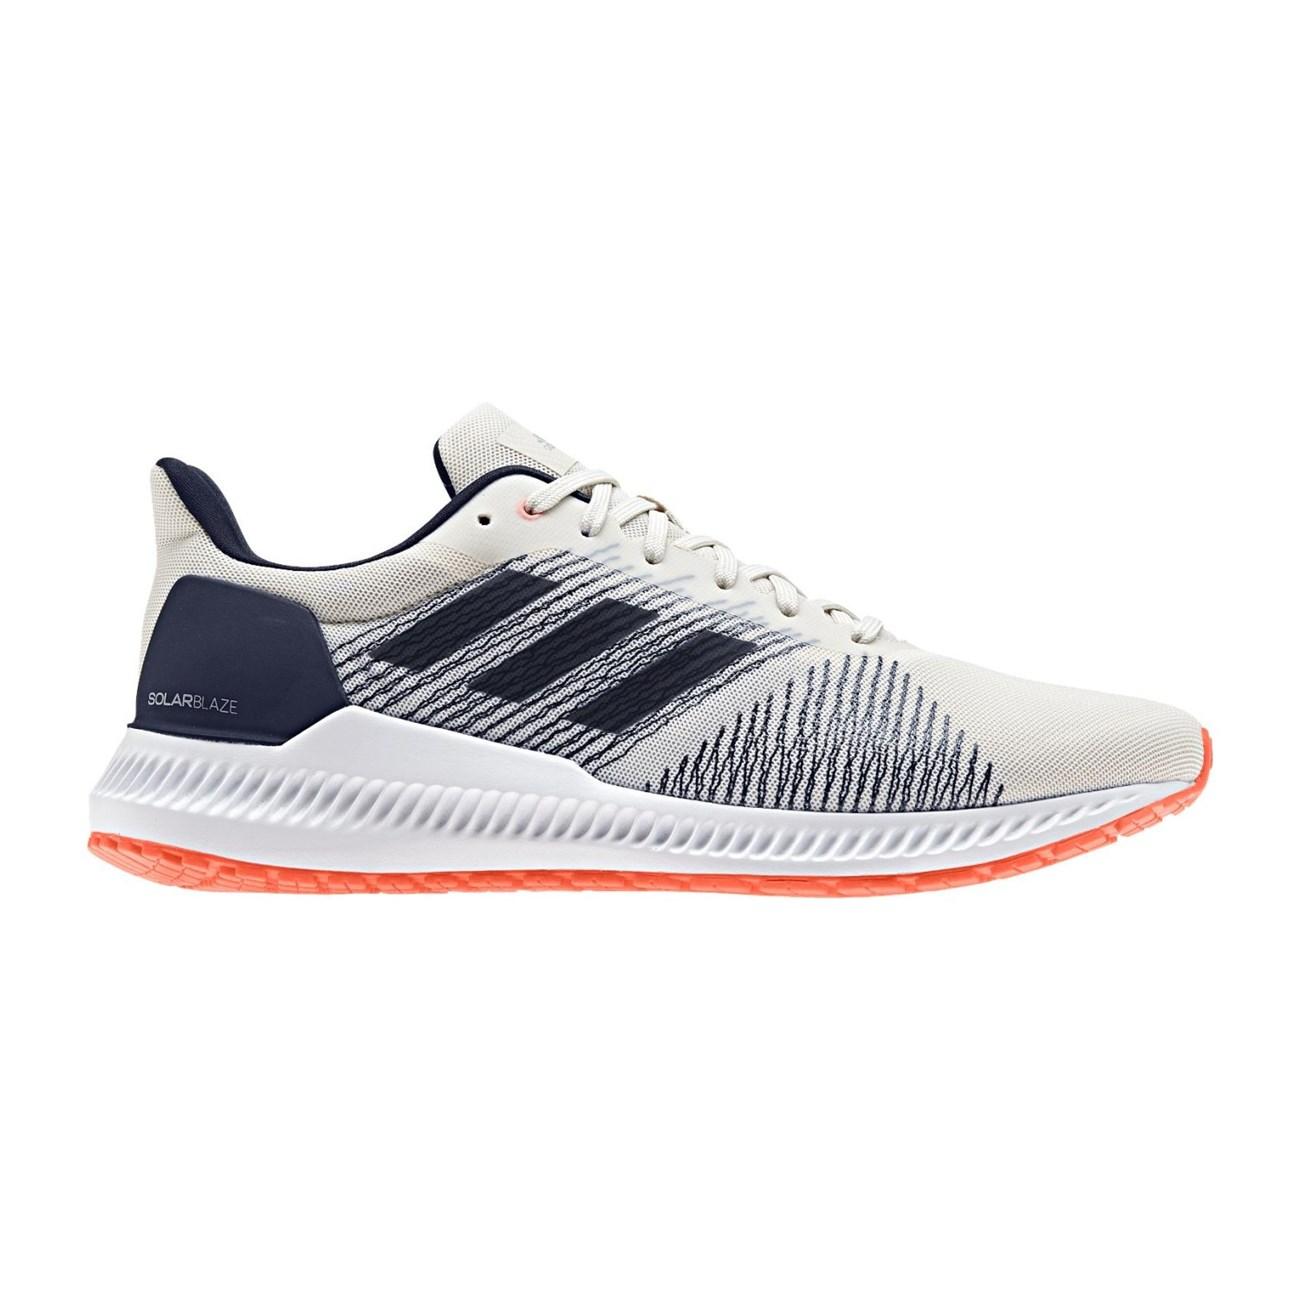 3a9bfa6cfc3 ADIDAS SOLAR BLAZE < Παπούτσια για Τρέξιμο | INTERSPORT